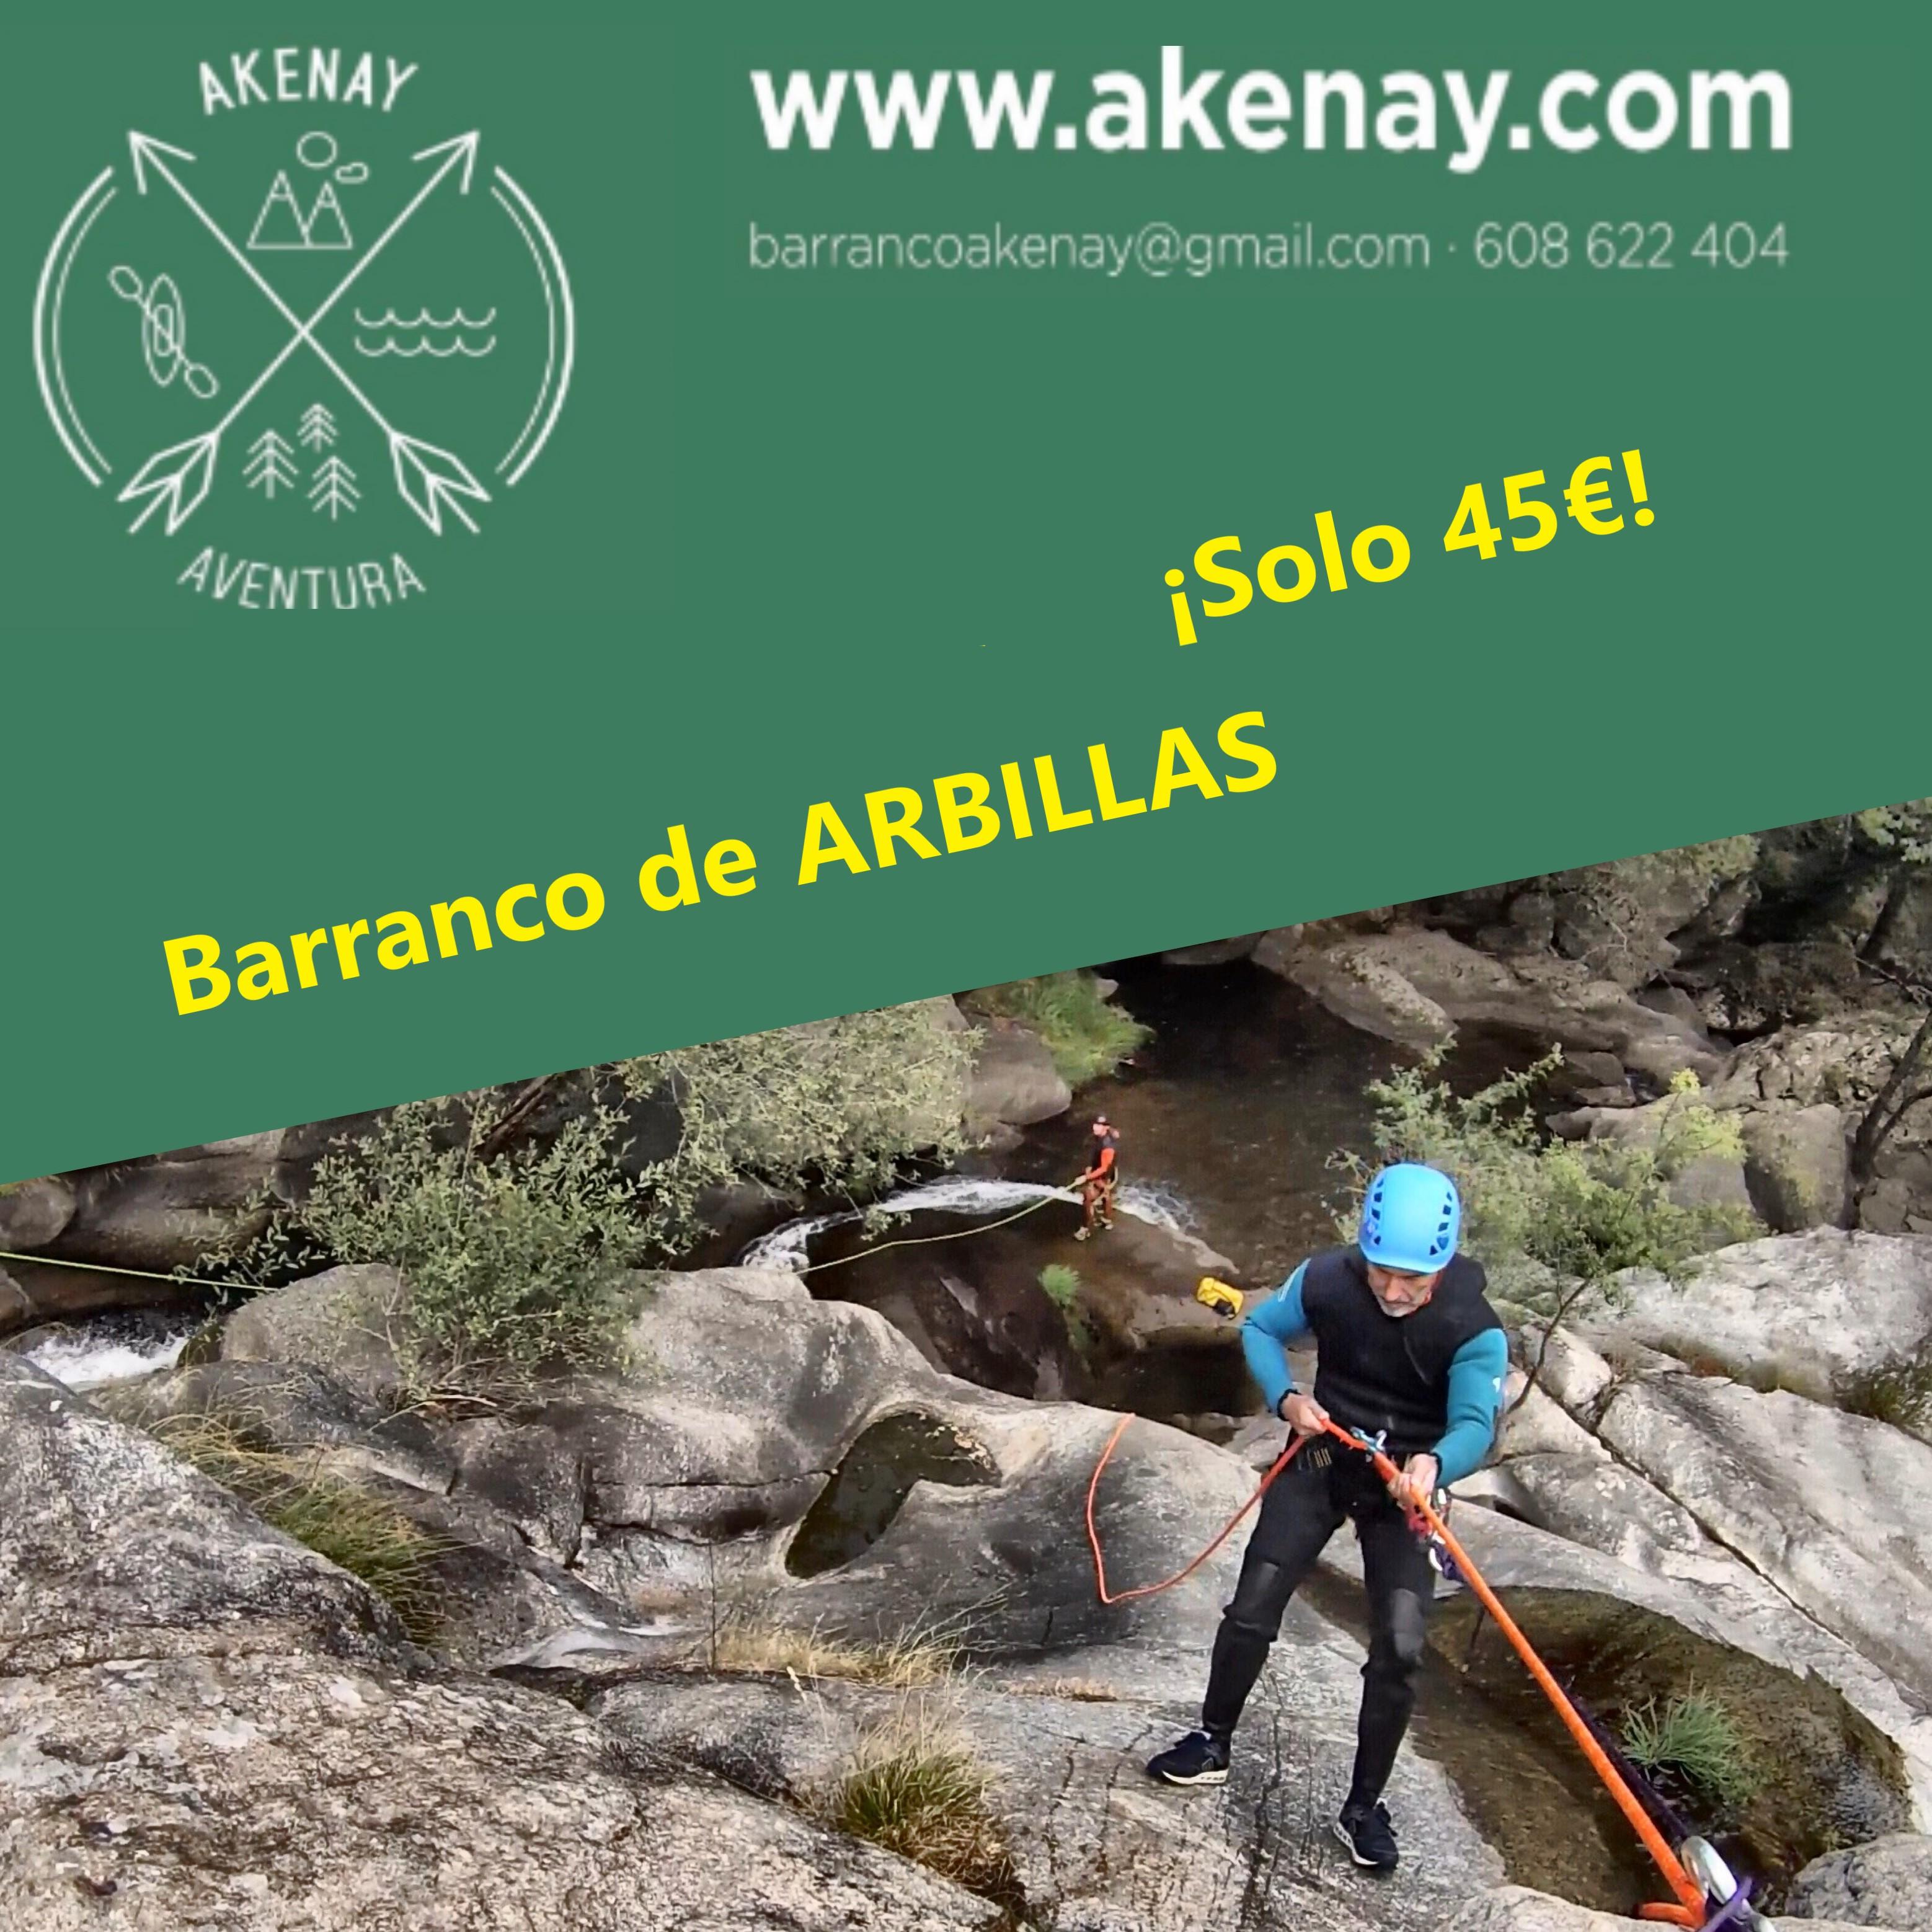 Barranquismo en Arbillas